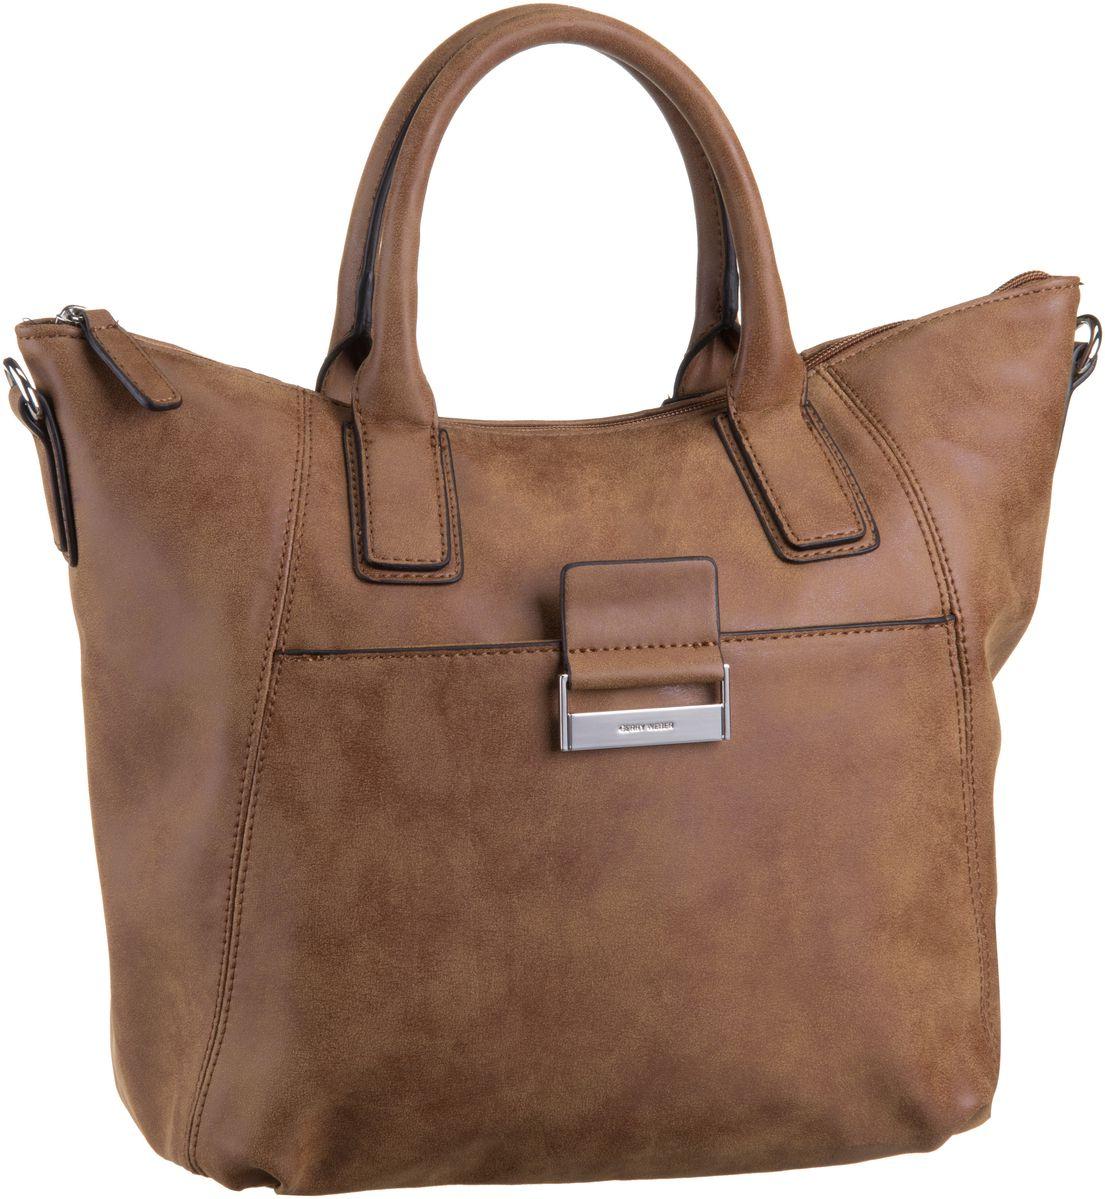 Gerry Weber Handtasche Be Different Handbag Cognac